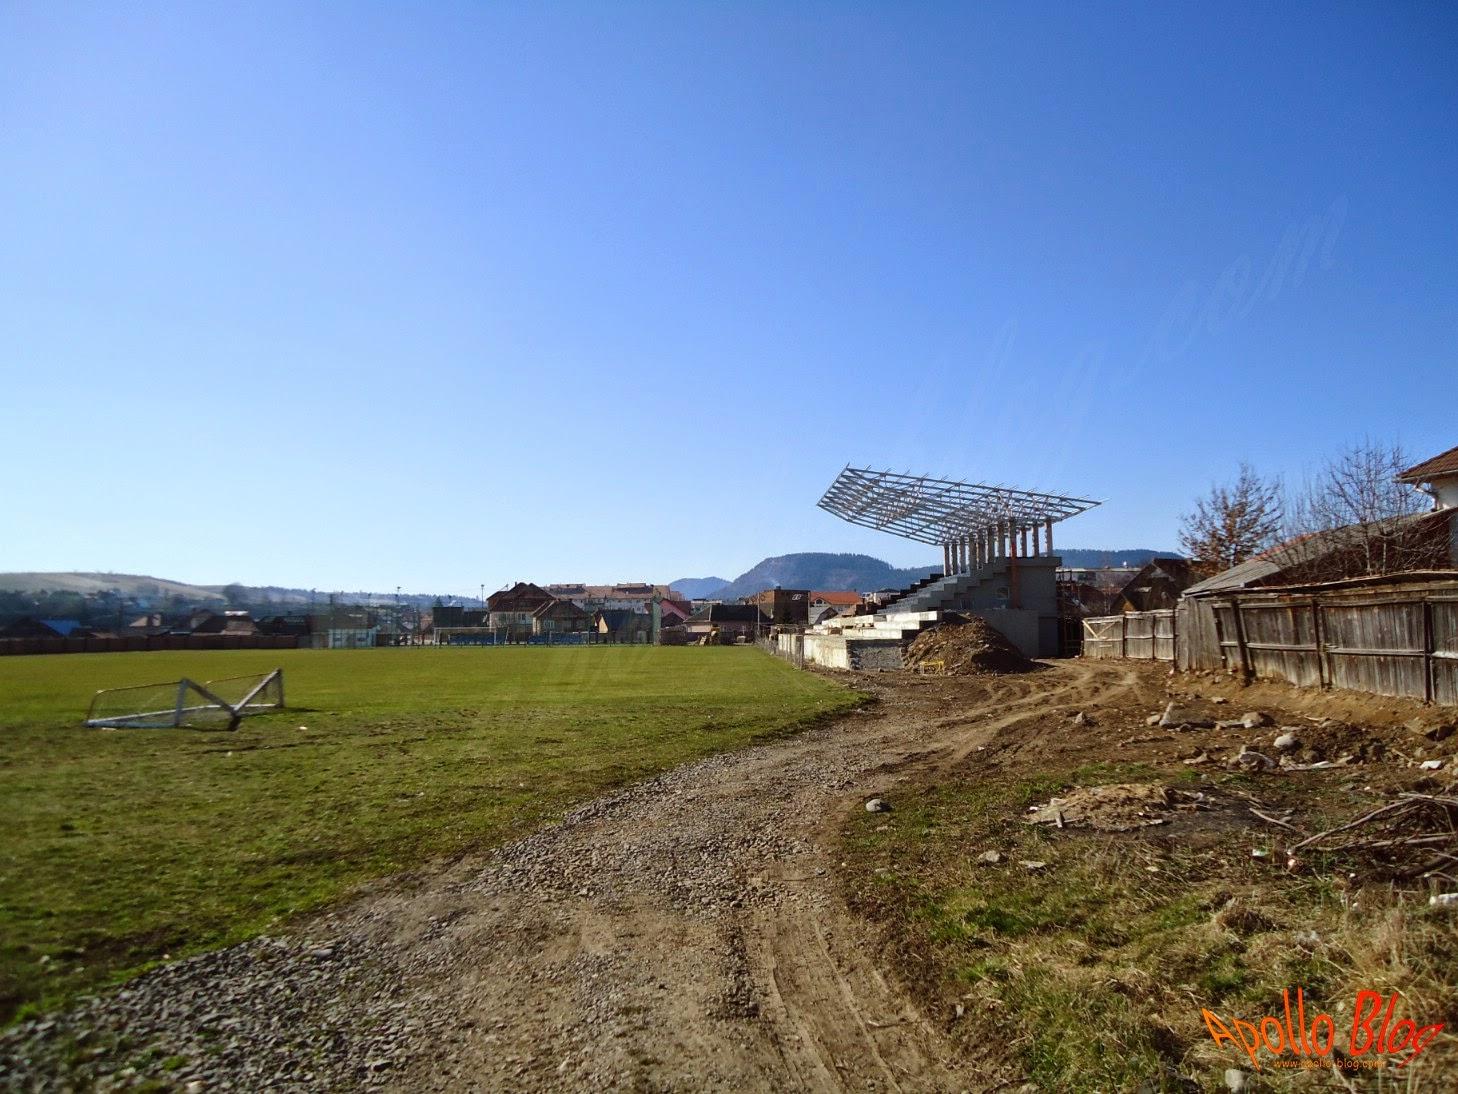 Tribuna Stadion Toplita